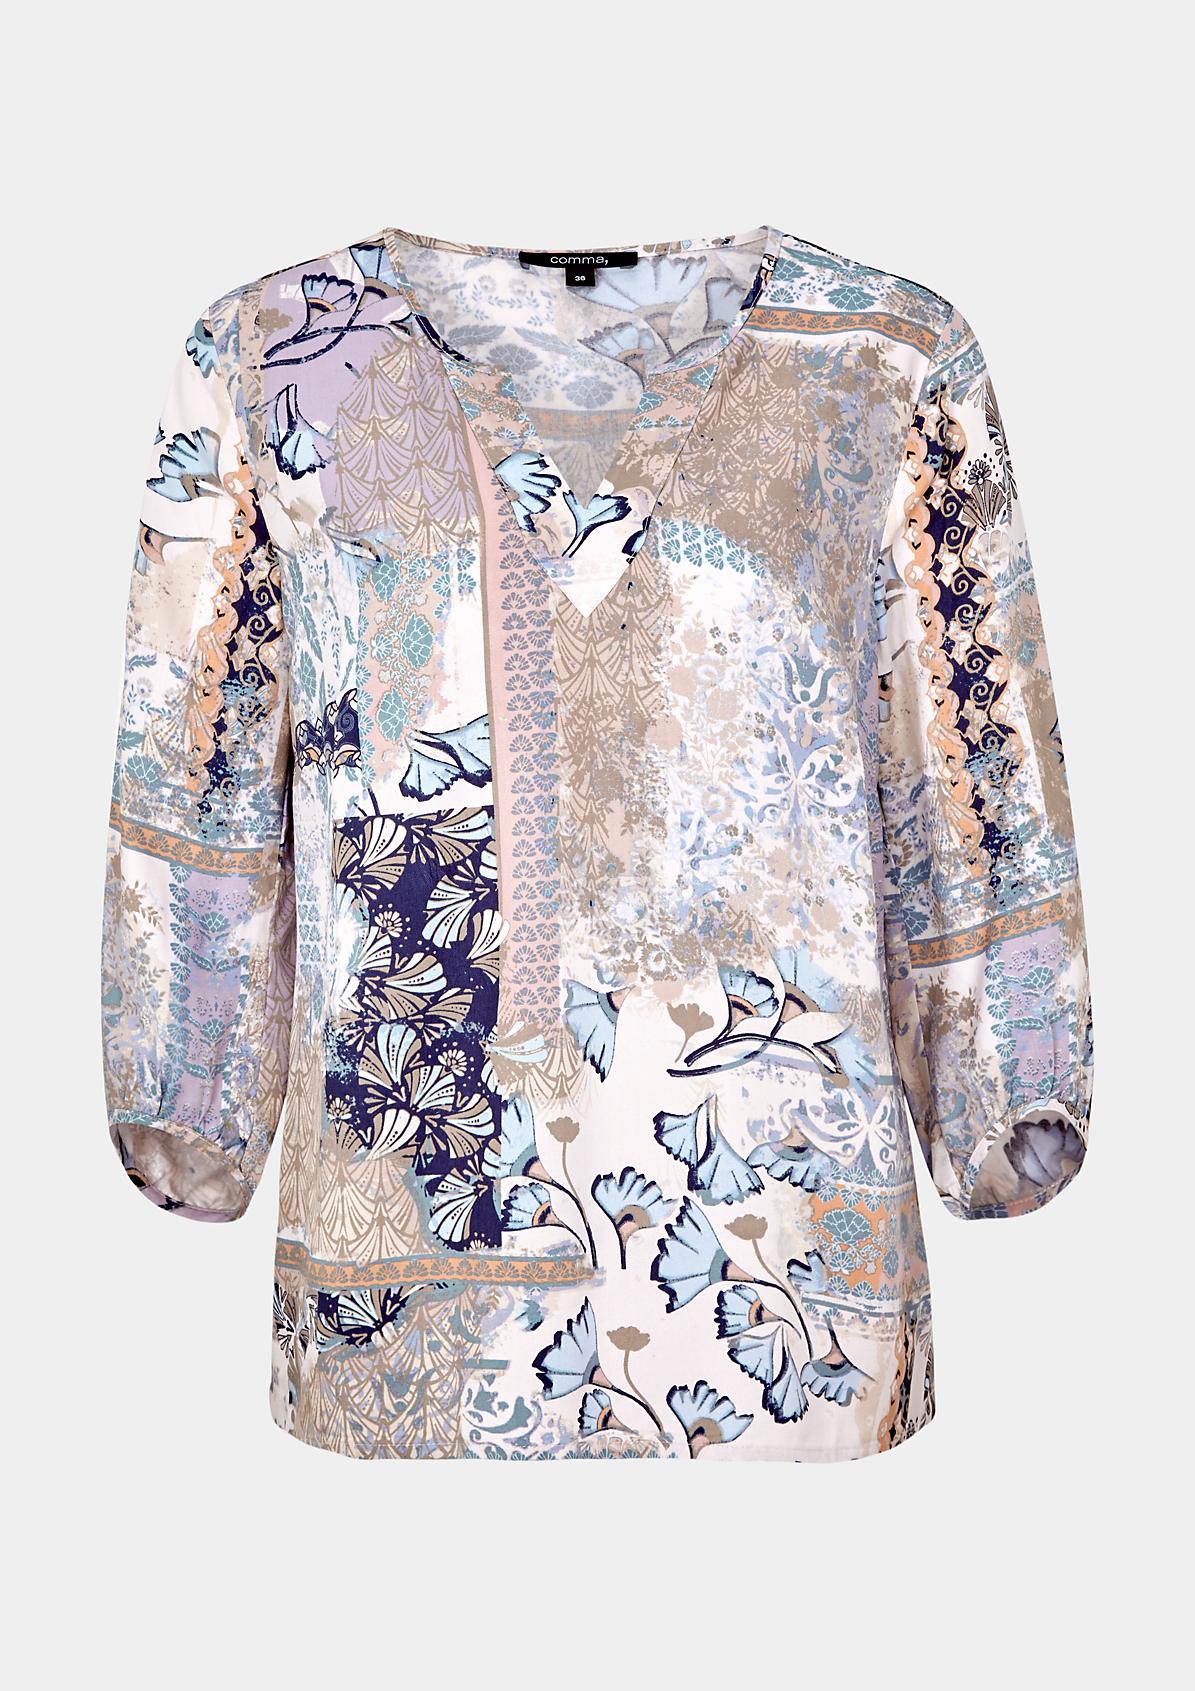 Schöne 3/4-Arm Bluse mit aufwendig gestaltetem Alloverprint